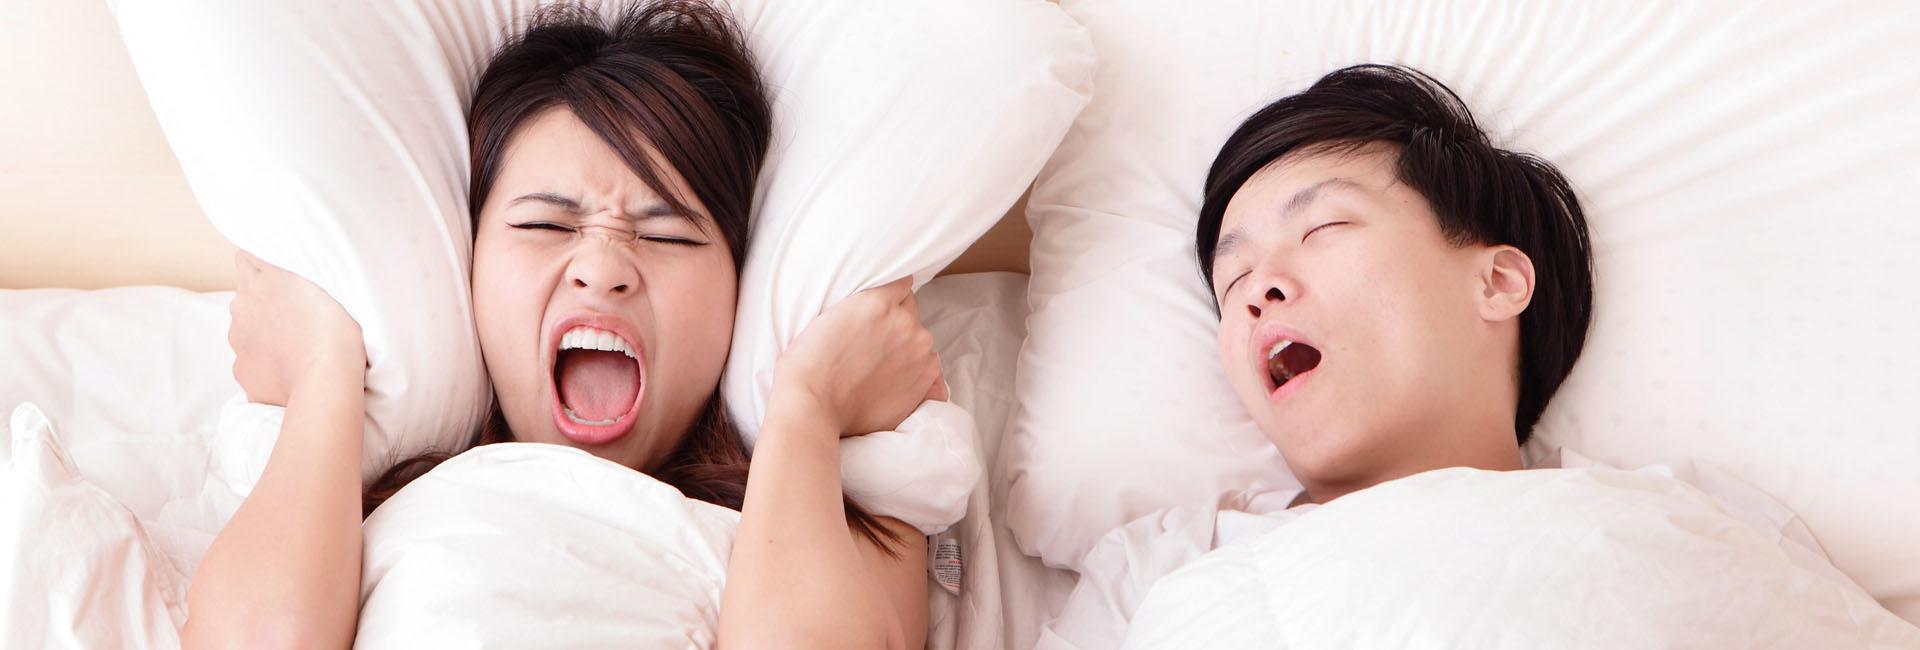 sleep apnea solution - philippines